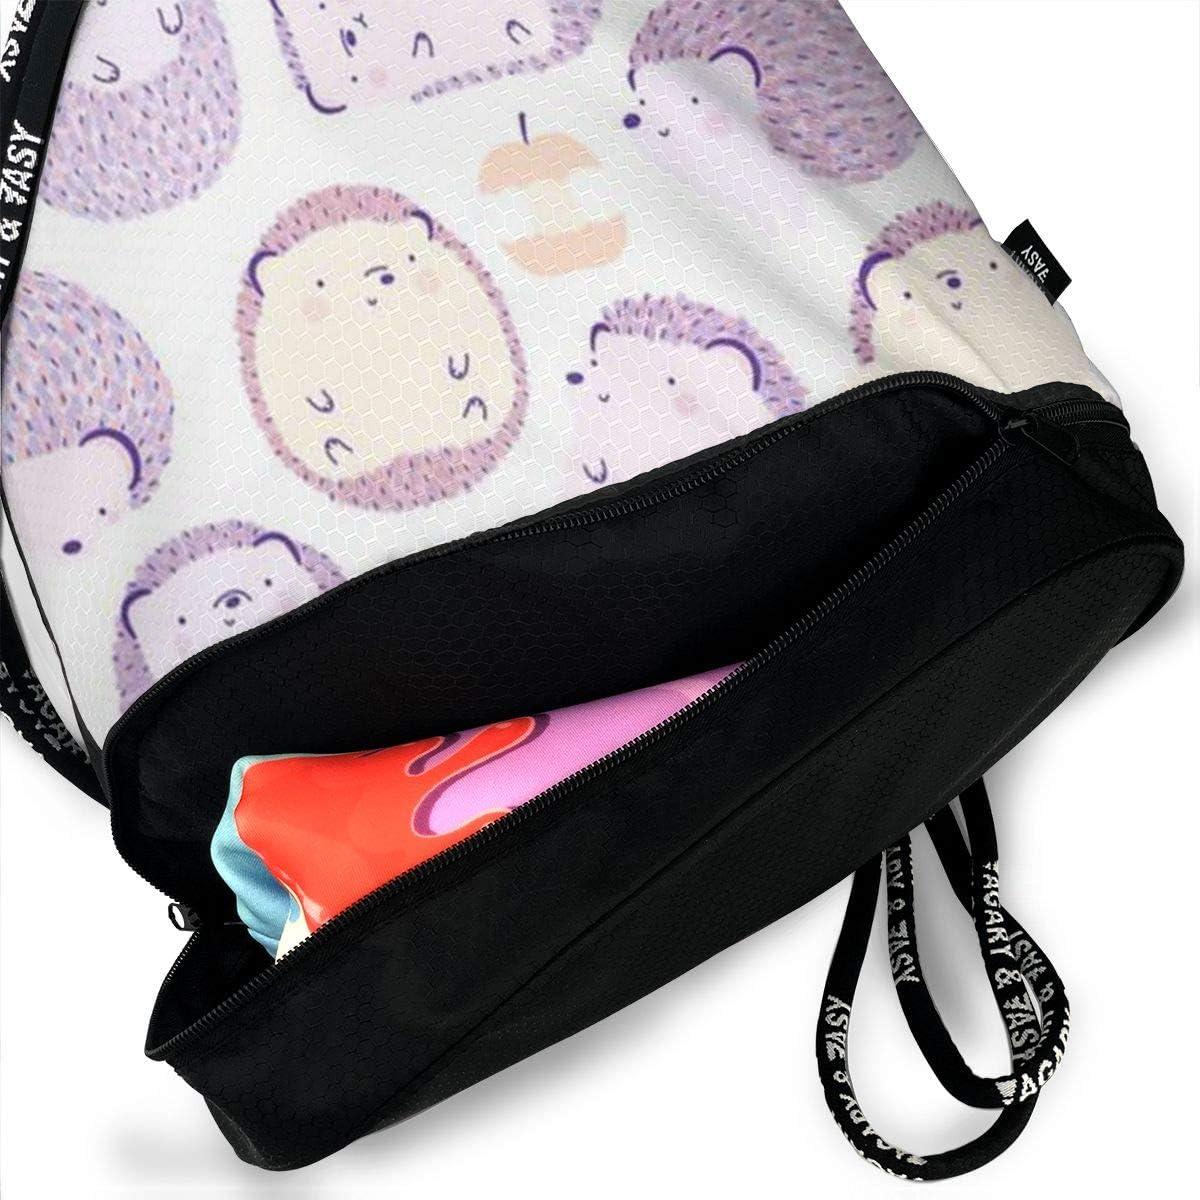 HUOPR5Q Hedgeho Drawstring Backpack Sport Gym Sack Shoulder Bulk Bag Dance Bag for School Travel